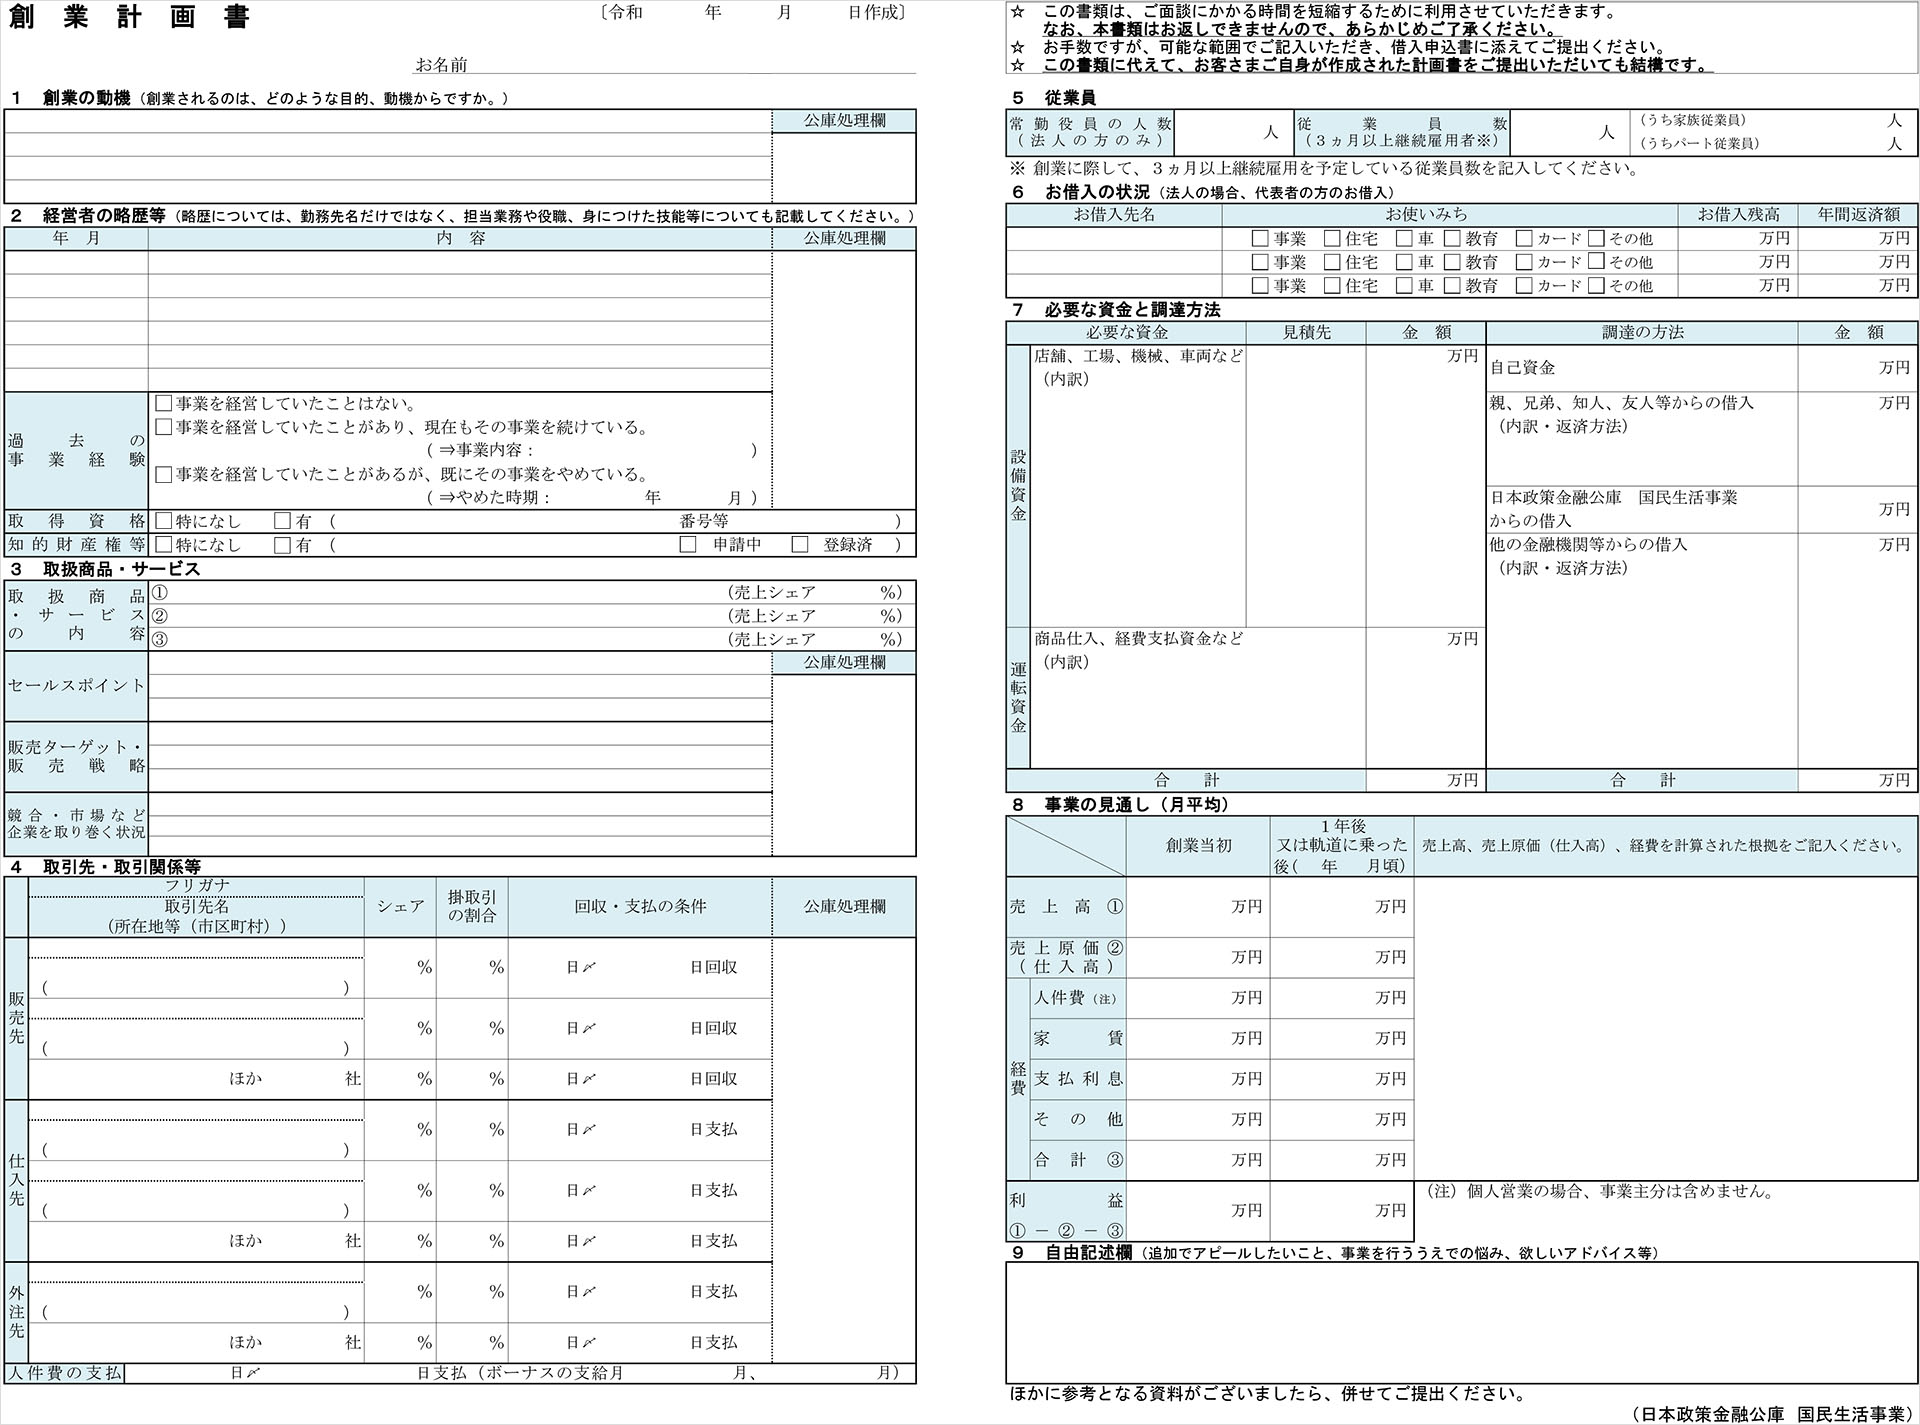 日本政策金融公庫の創業計画書テンプレート